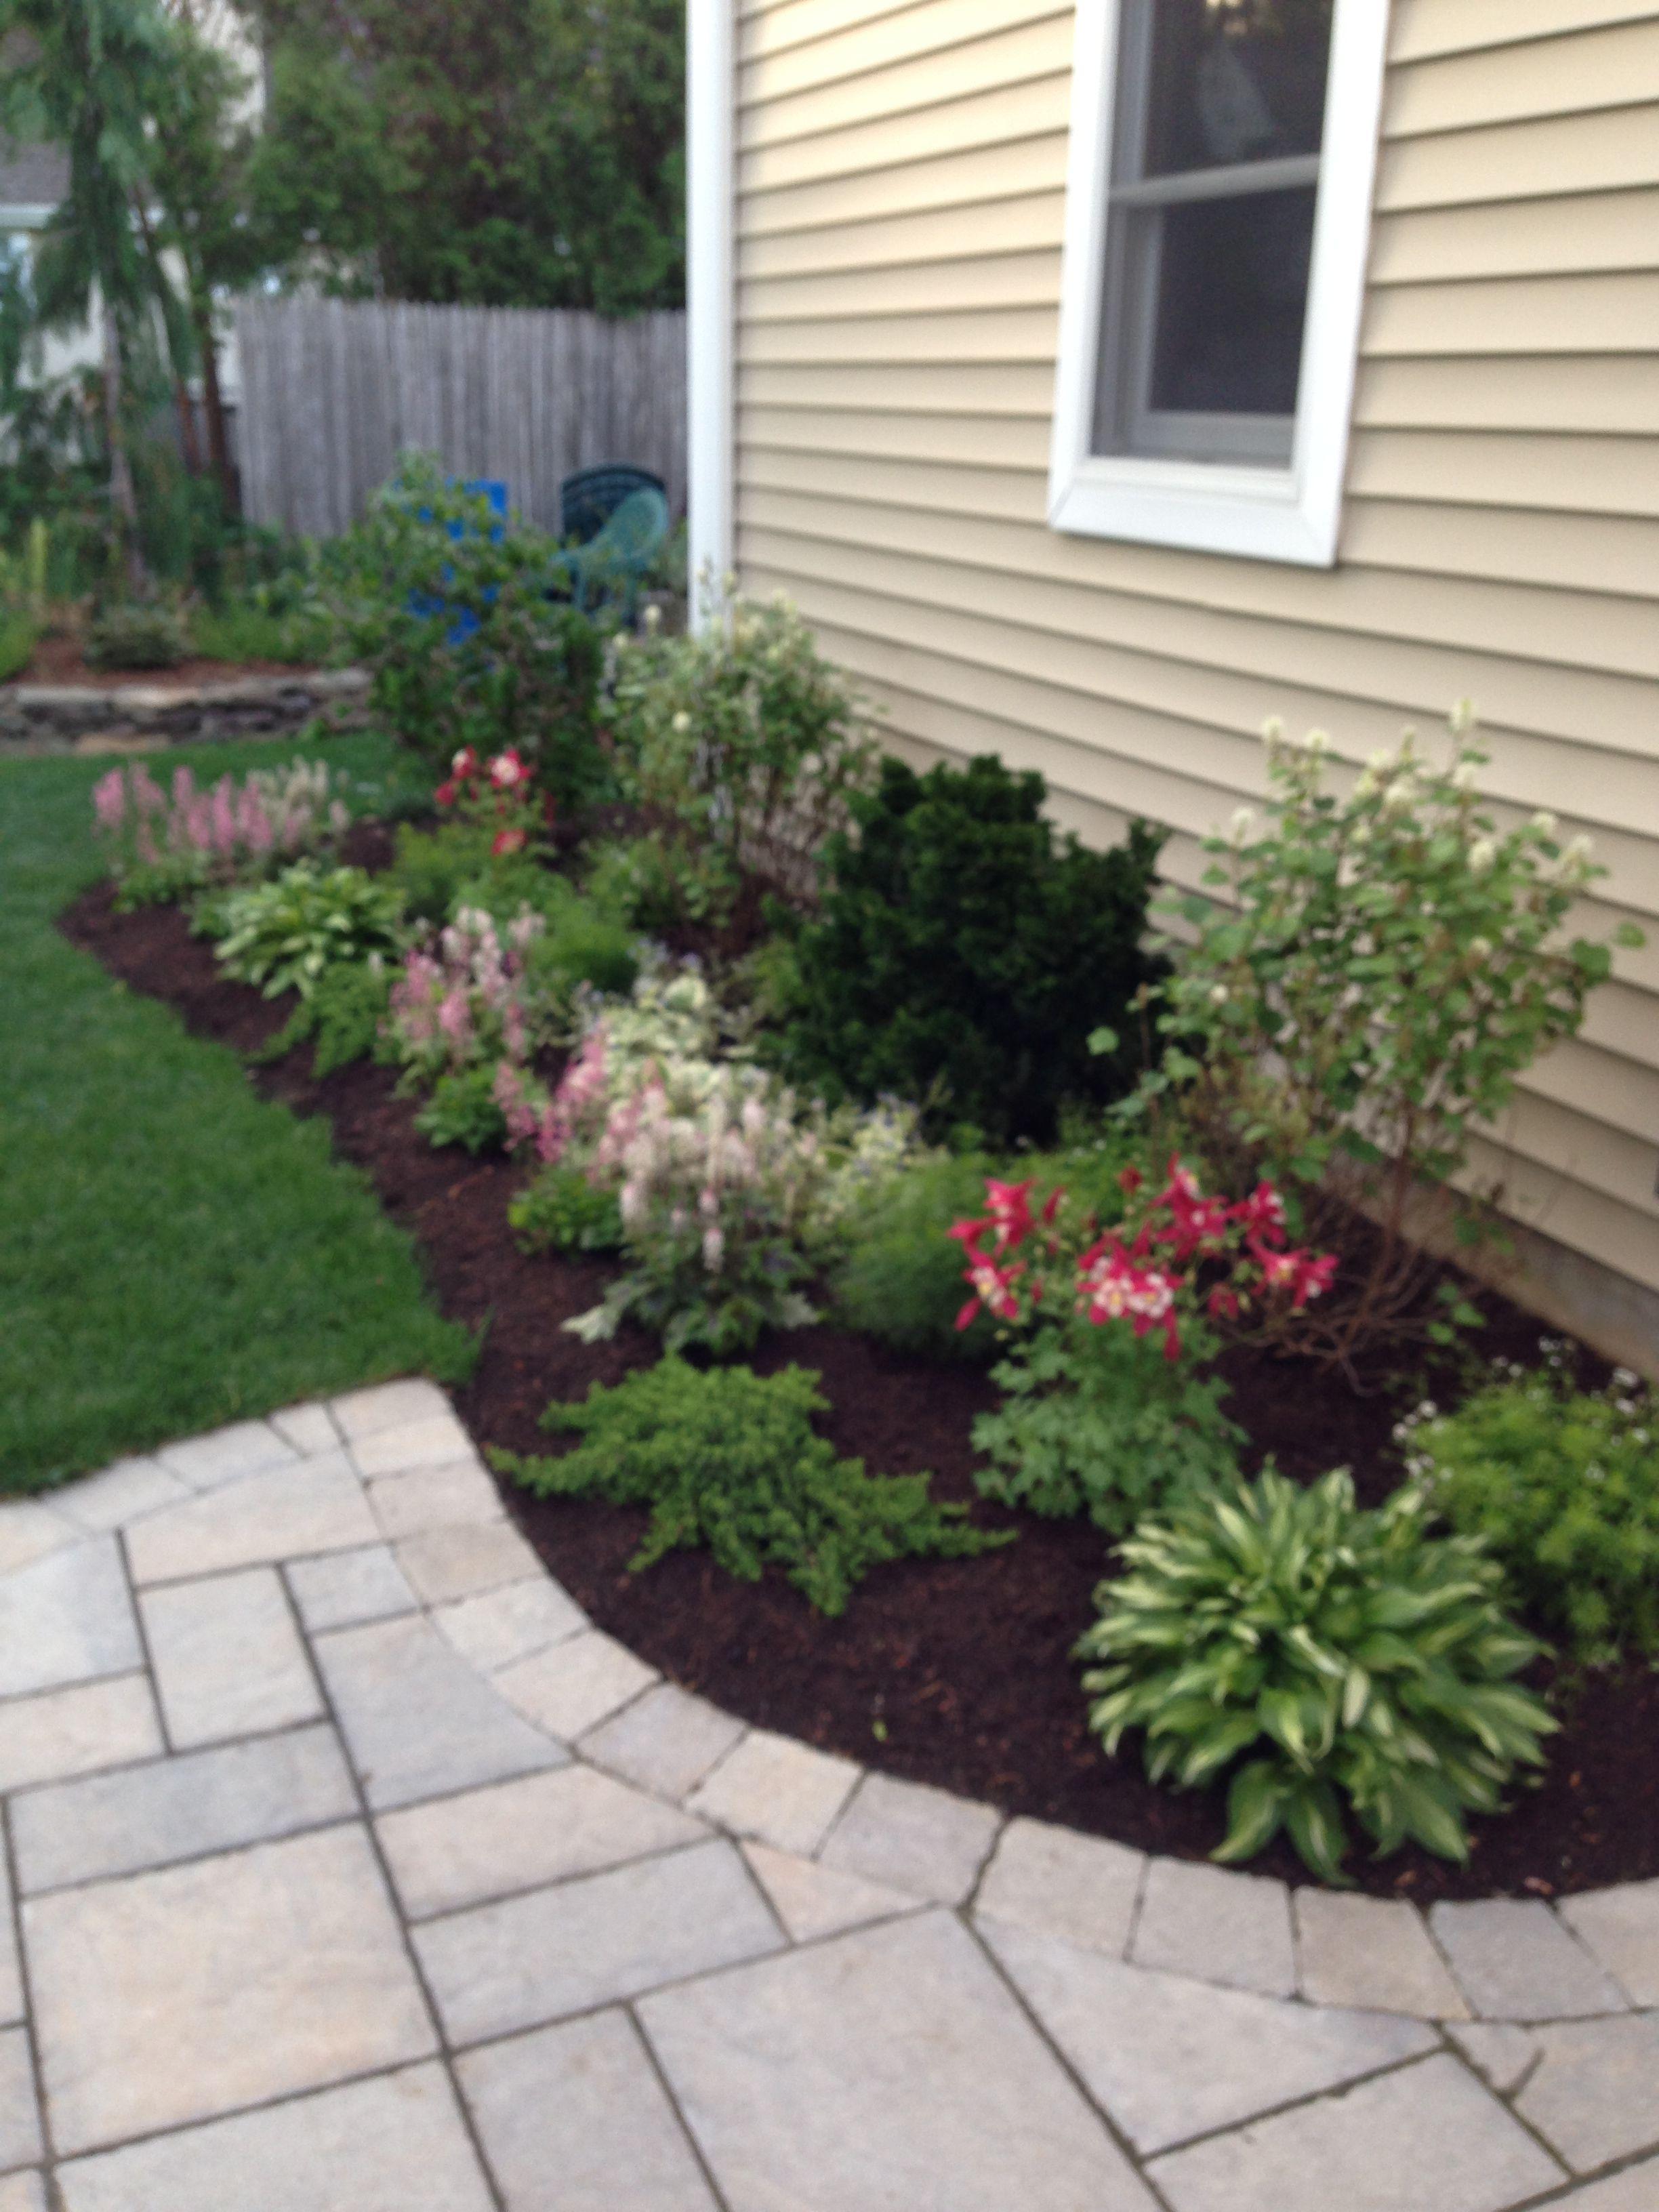 Unique garden ideas for shaded areas home decor ideas for Partial shade garden designs